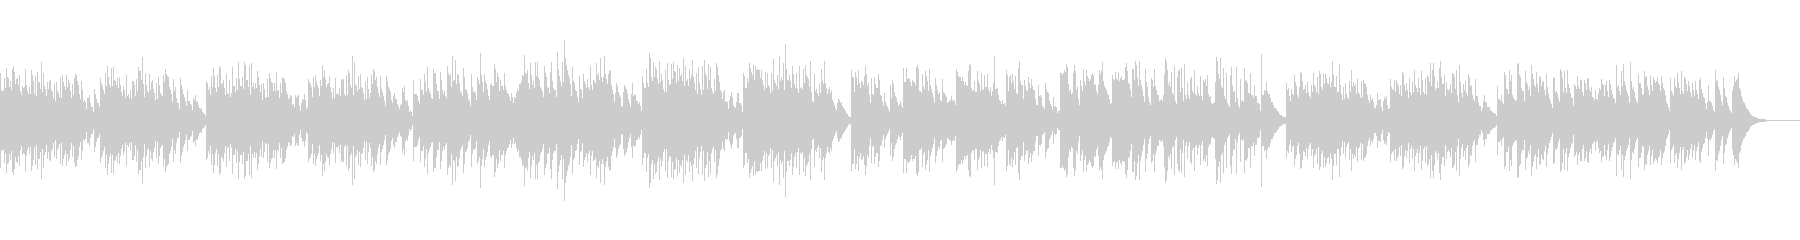 「ユーモレスク」オルゴール版の未再生の波形